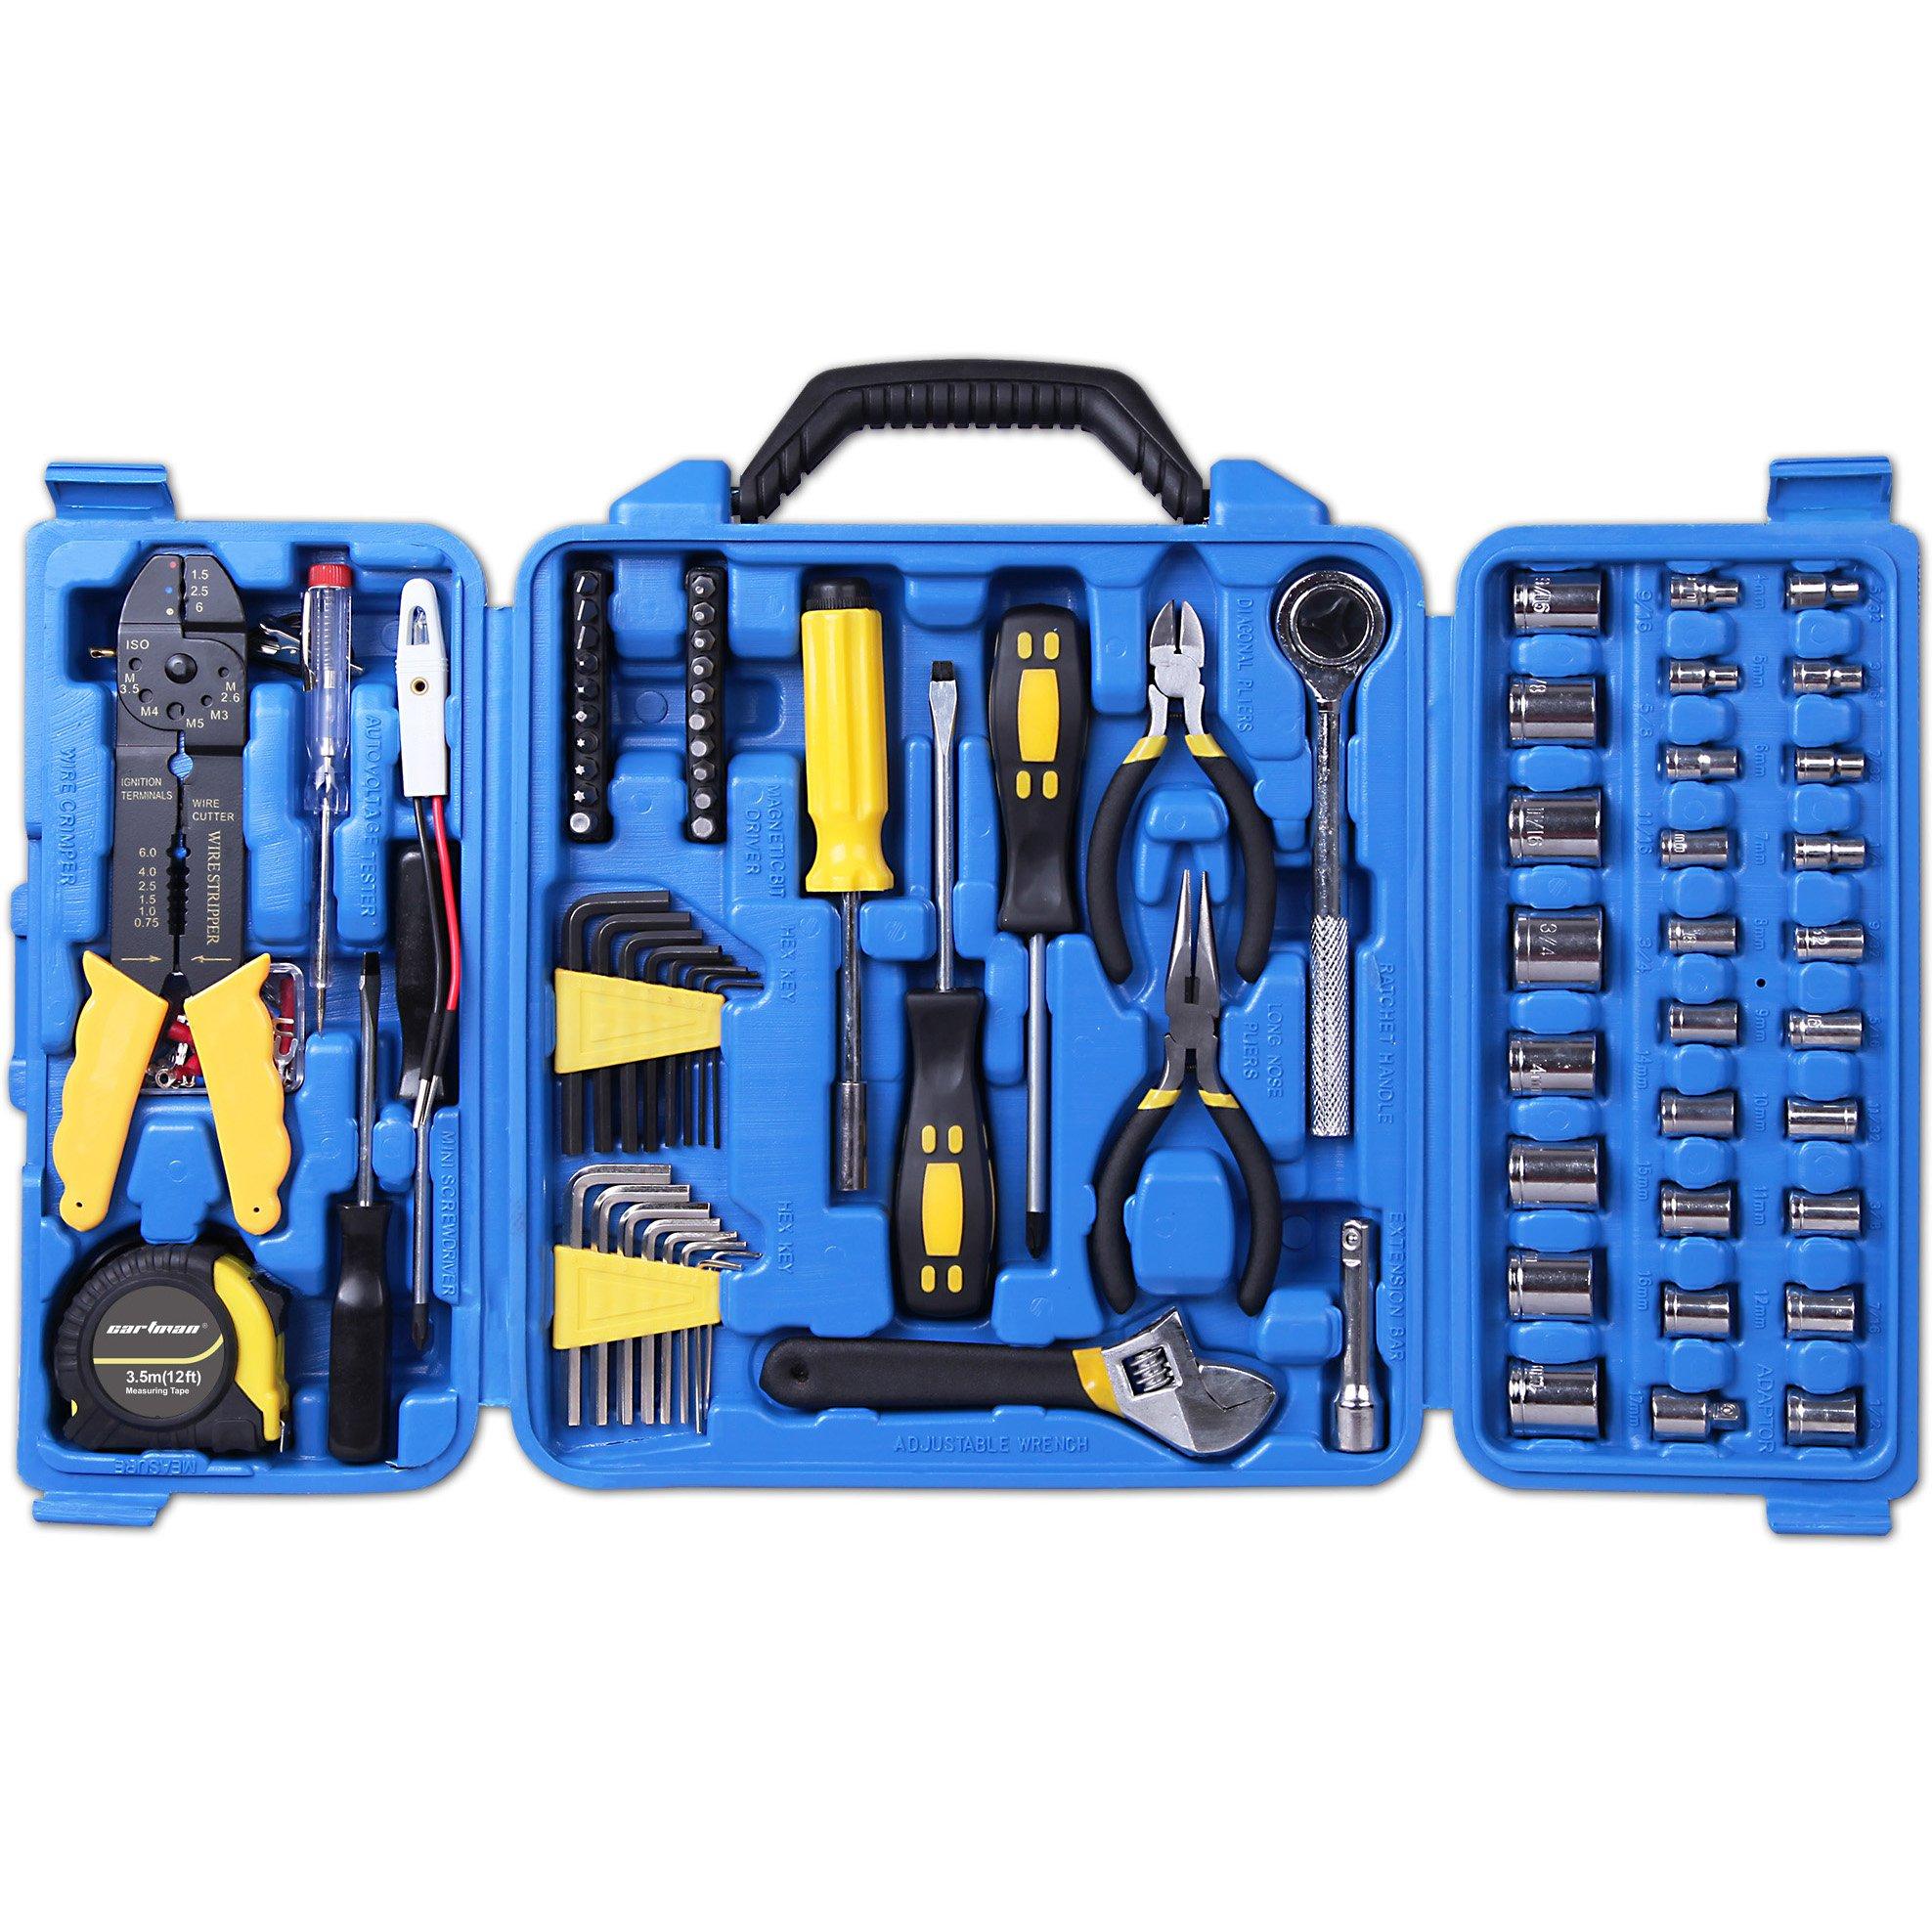 CARTMAN 122pcs Auto Tool Accessory Set, Drive Socket Set, Tool Kit Set, Electric Tool Set by CARTMAN